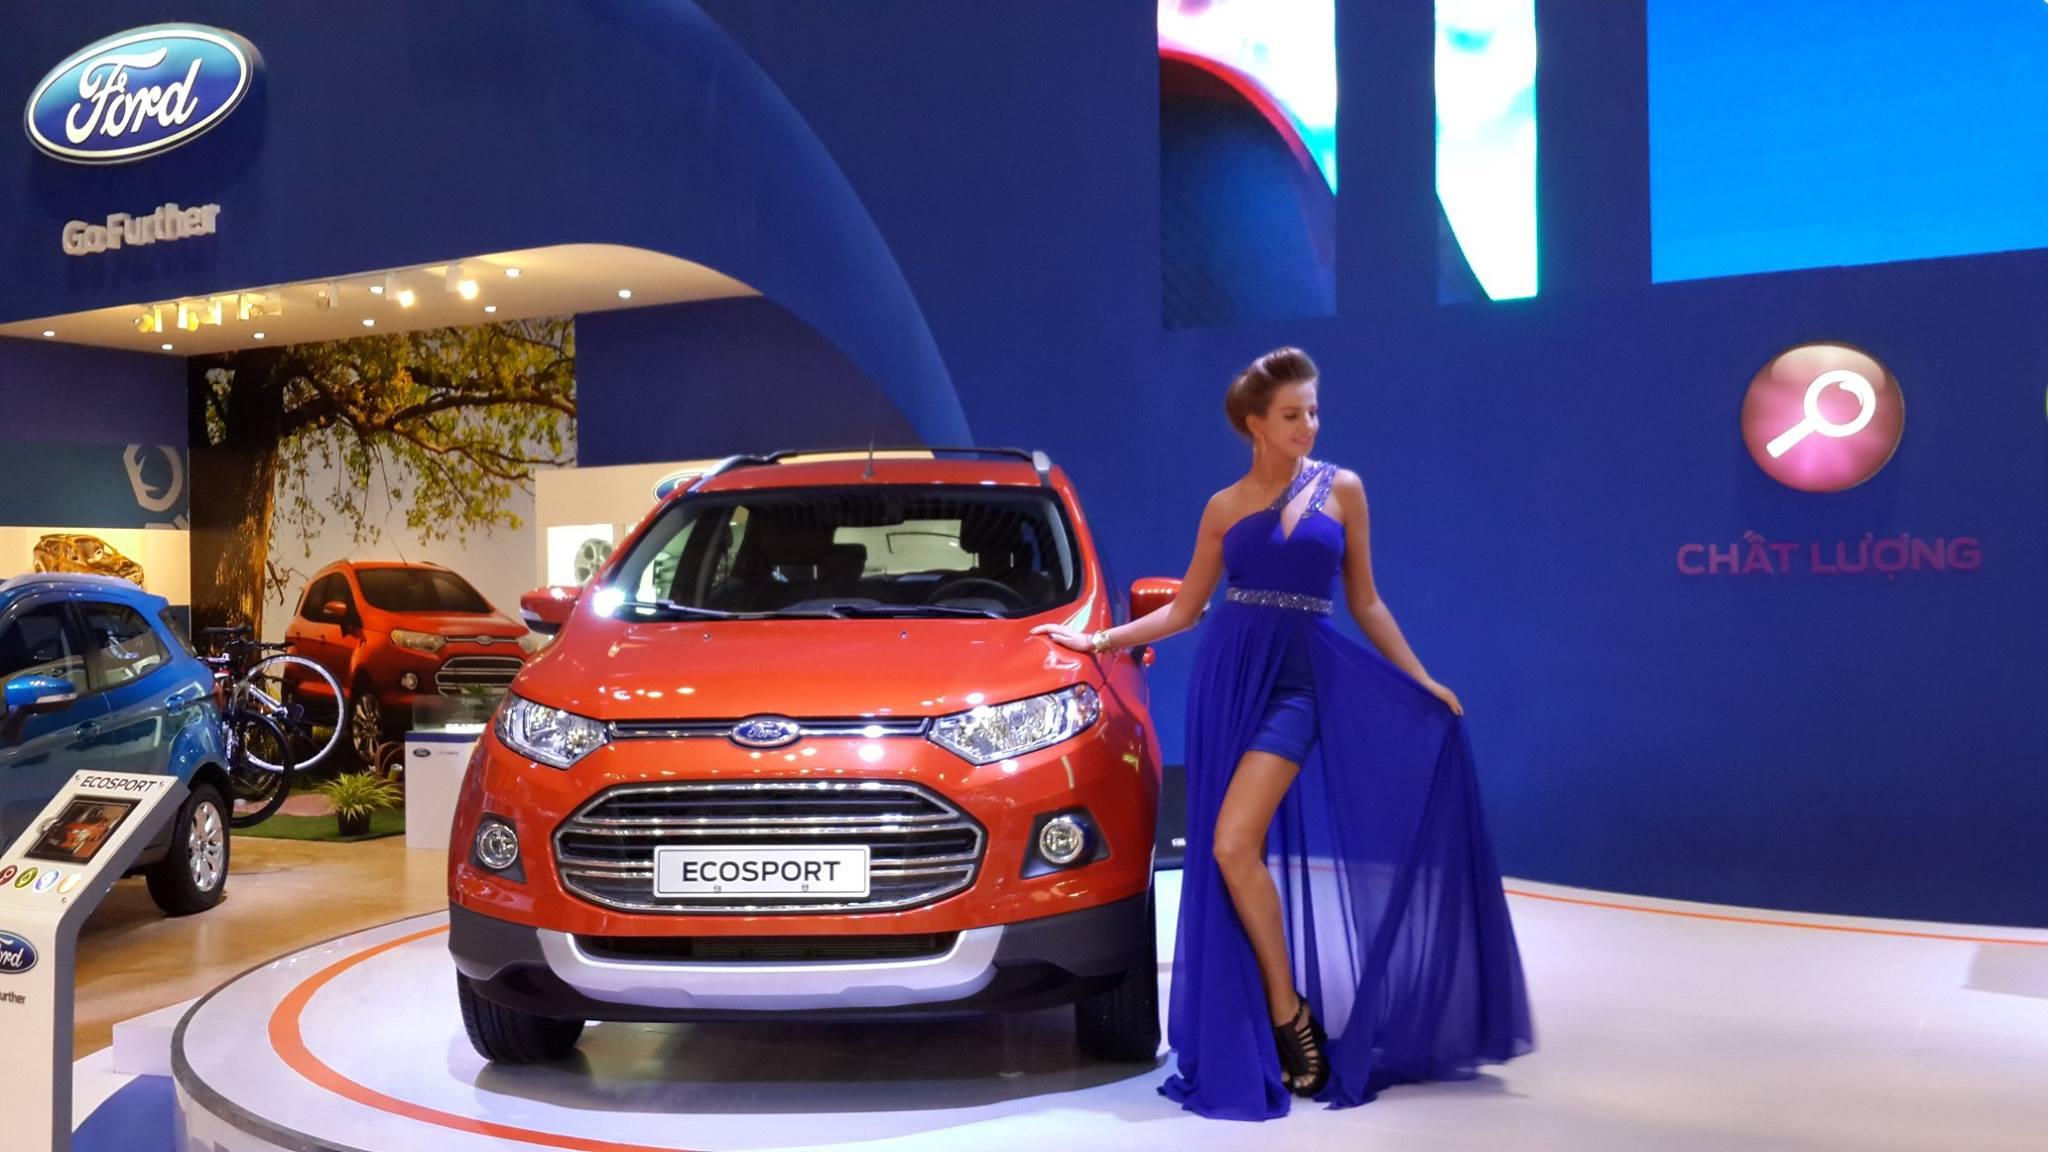 Ford Việt Nam thống kê thị trường ô tô cuối năm 2014